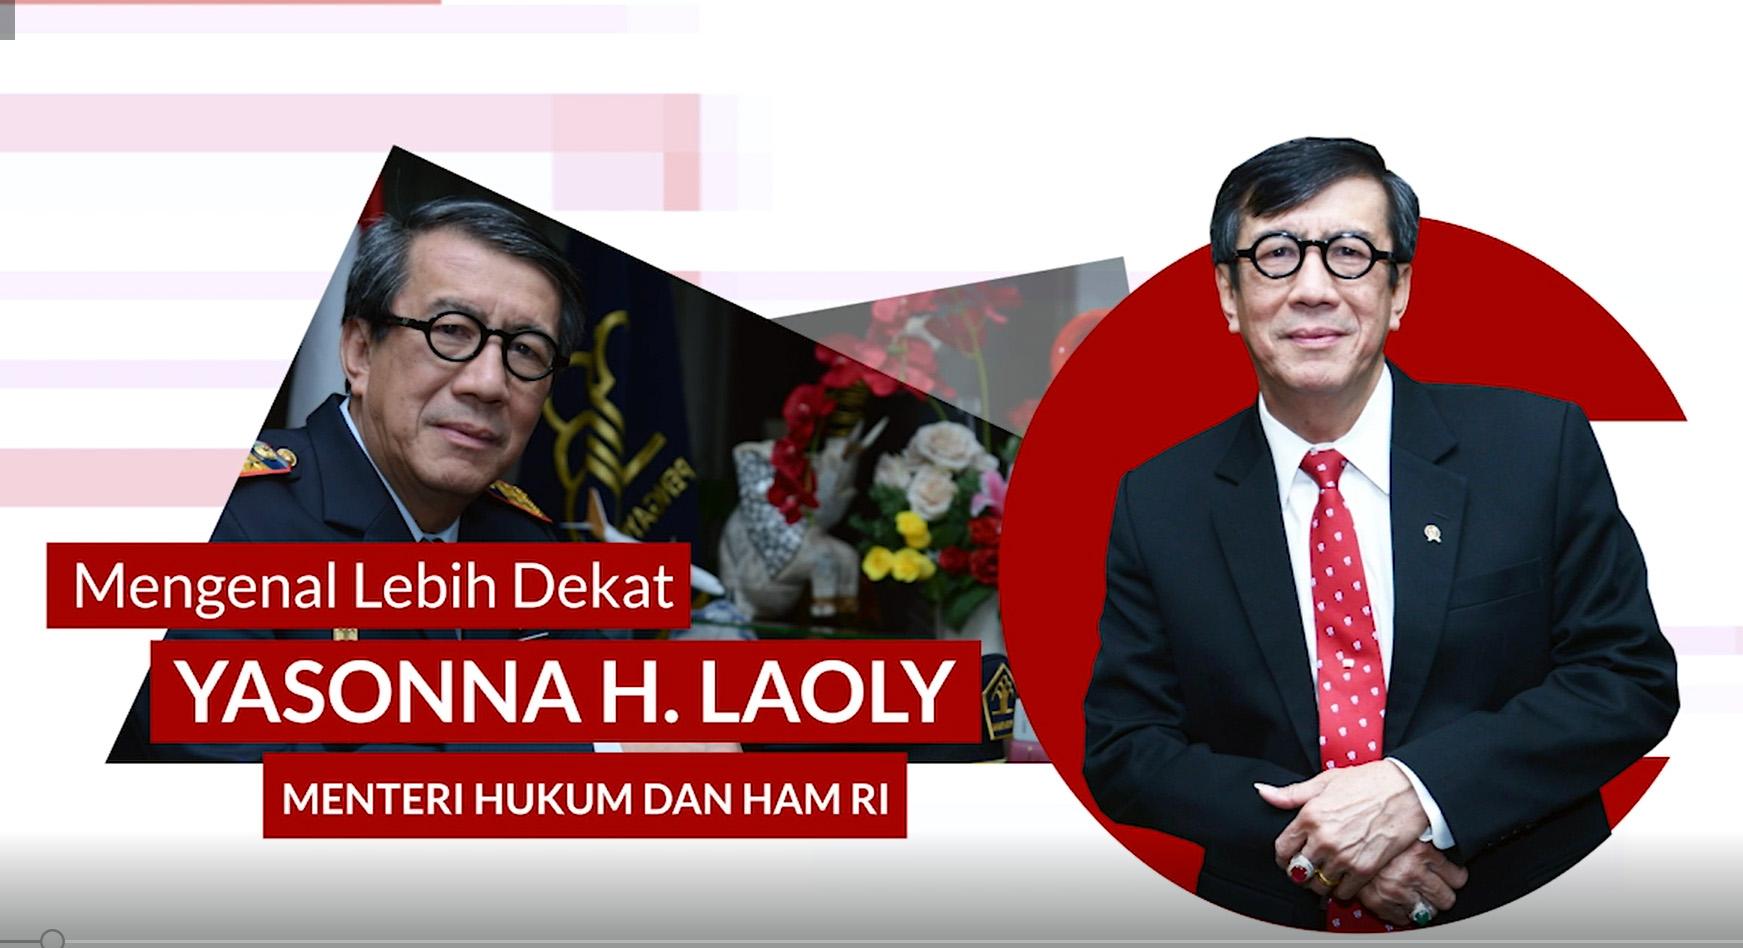 Lebih Dekat dengan Menteri Hukum dan HAM RI Yasonna H. Laoly